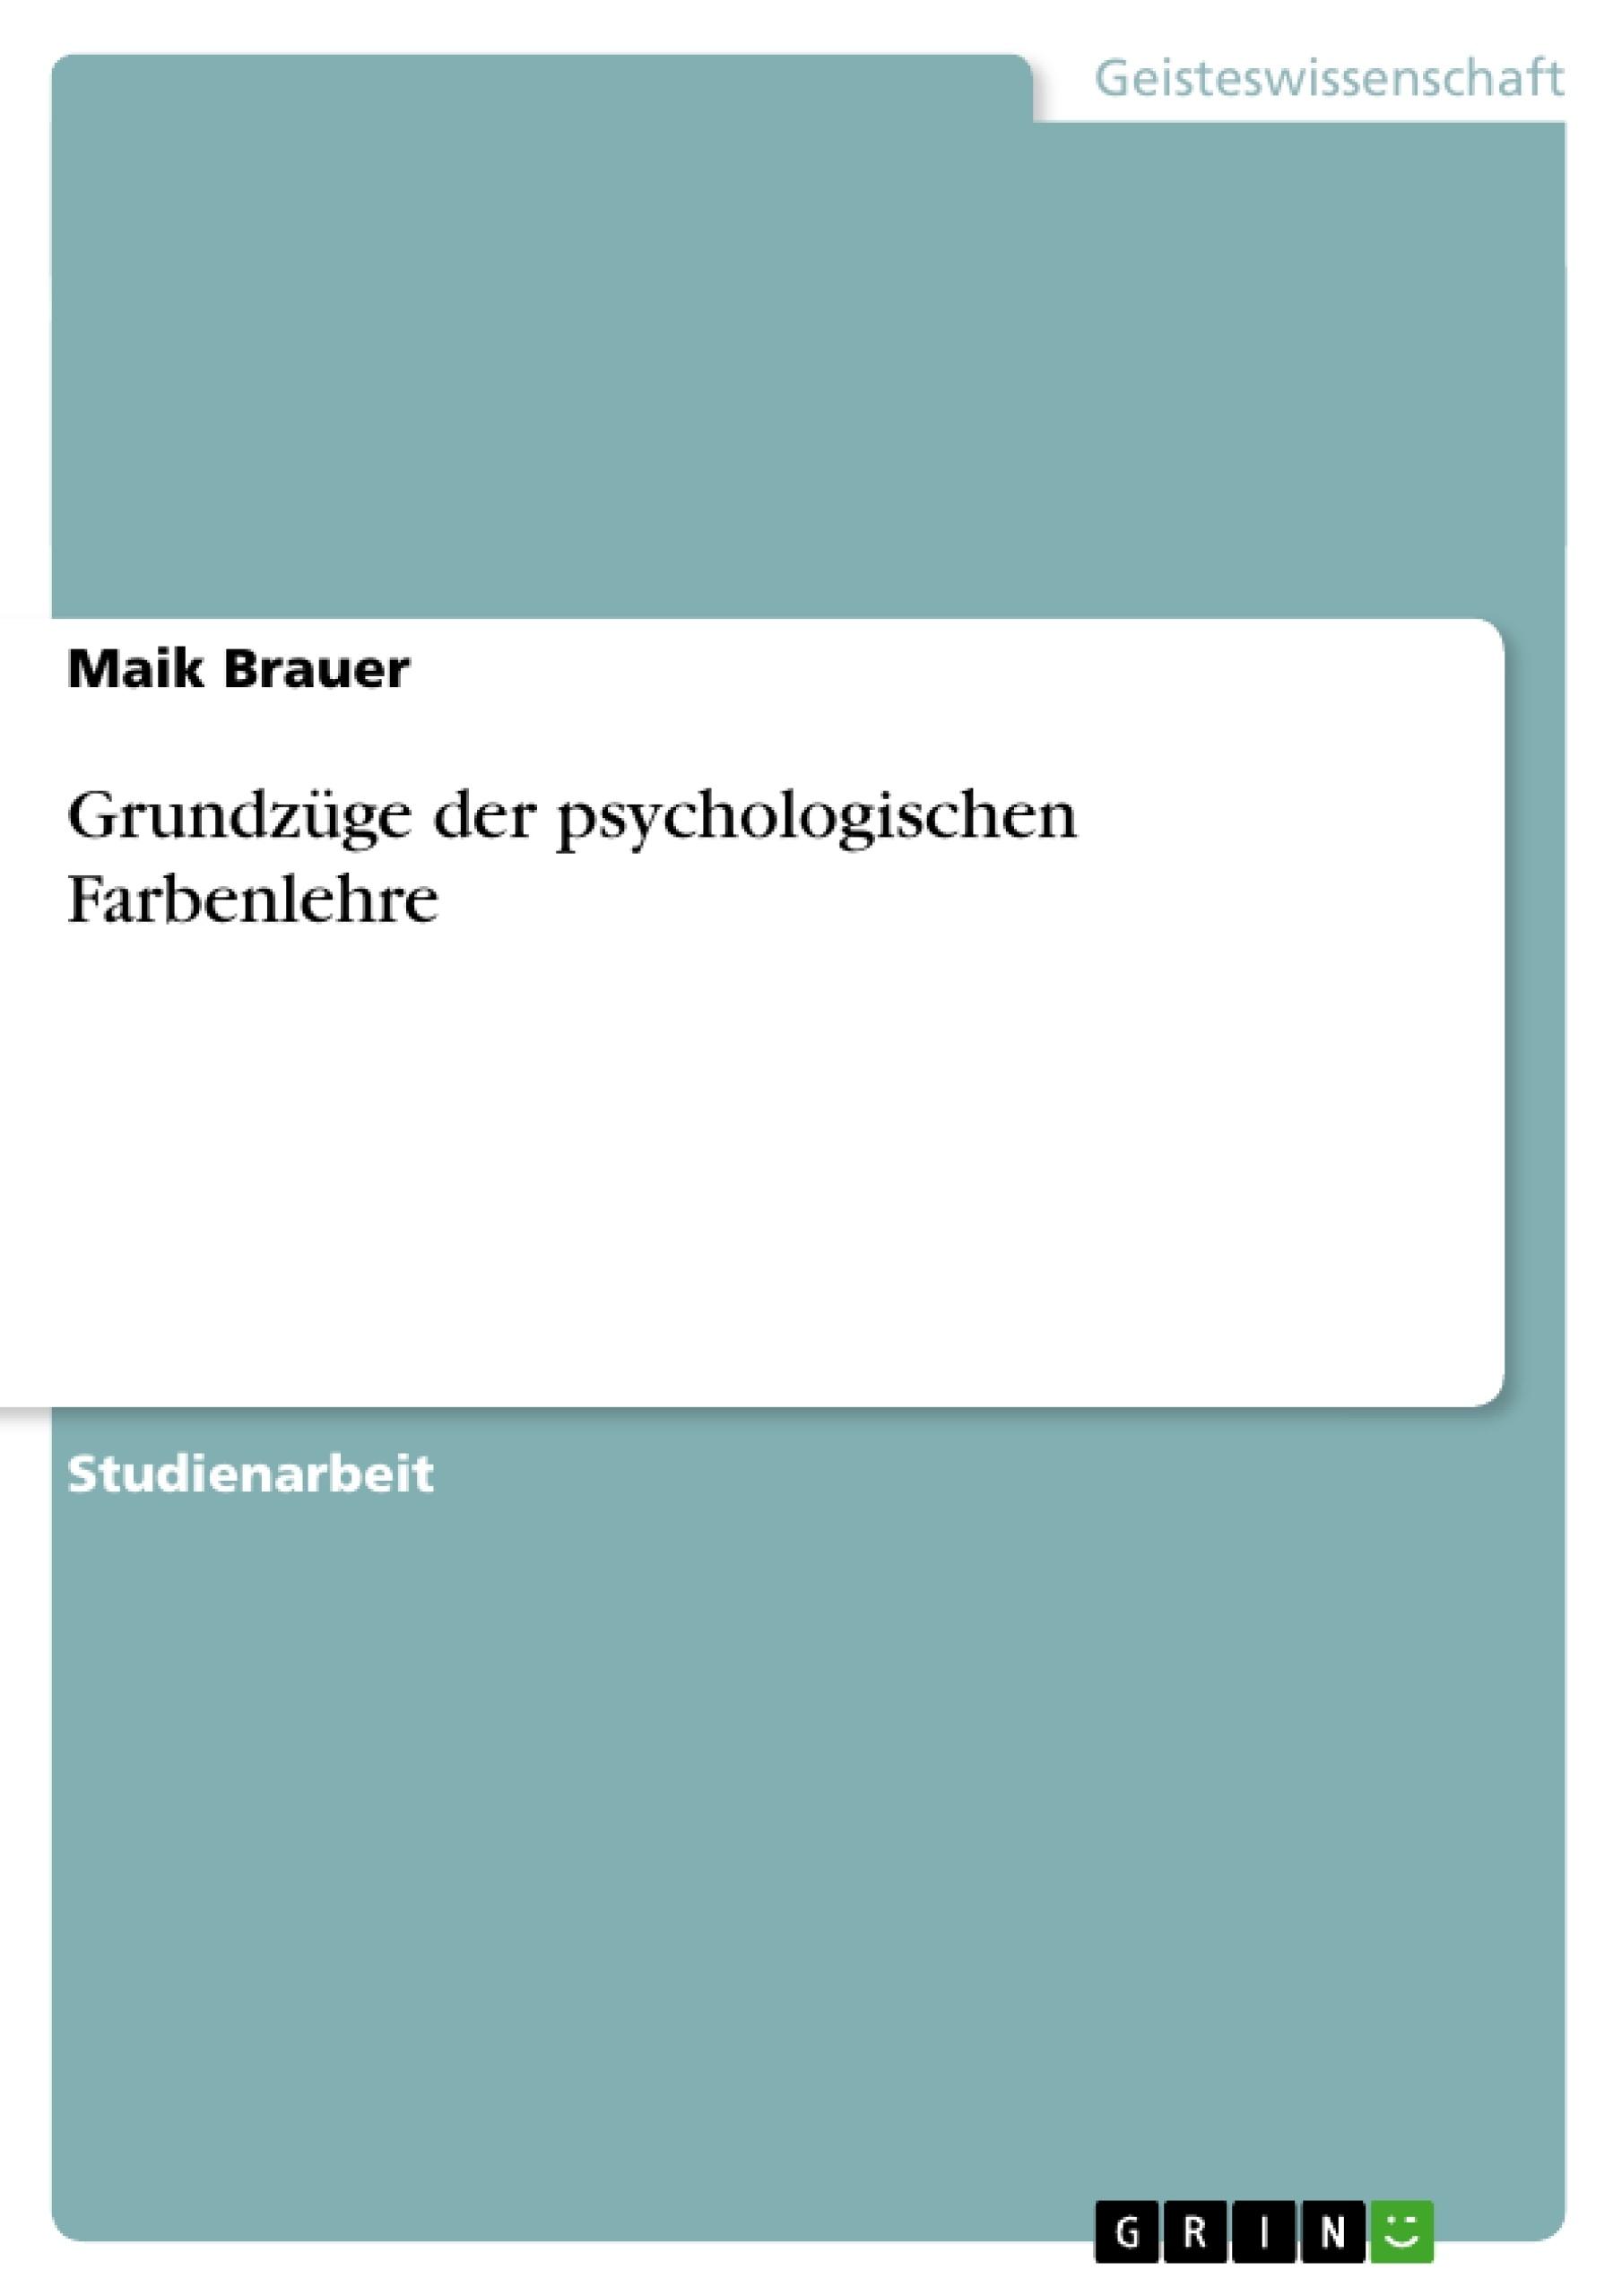 Grundzüge der psychologischen Farbenlehre | Masterarbeit, Hausarbeit ...